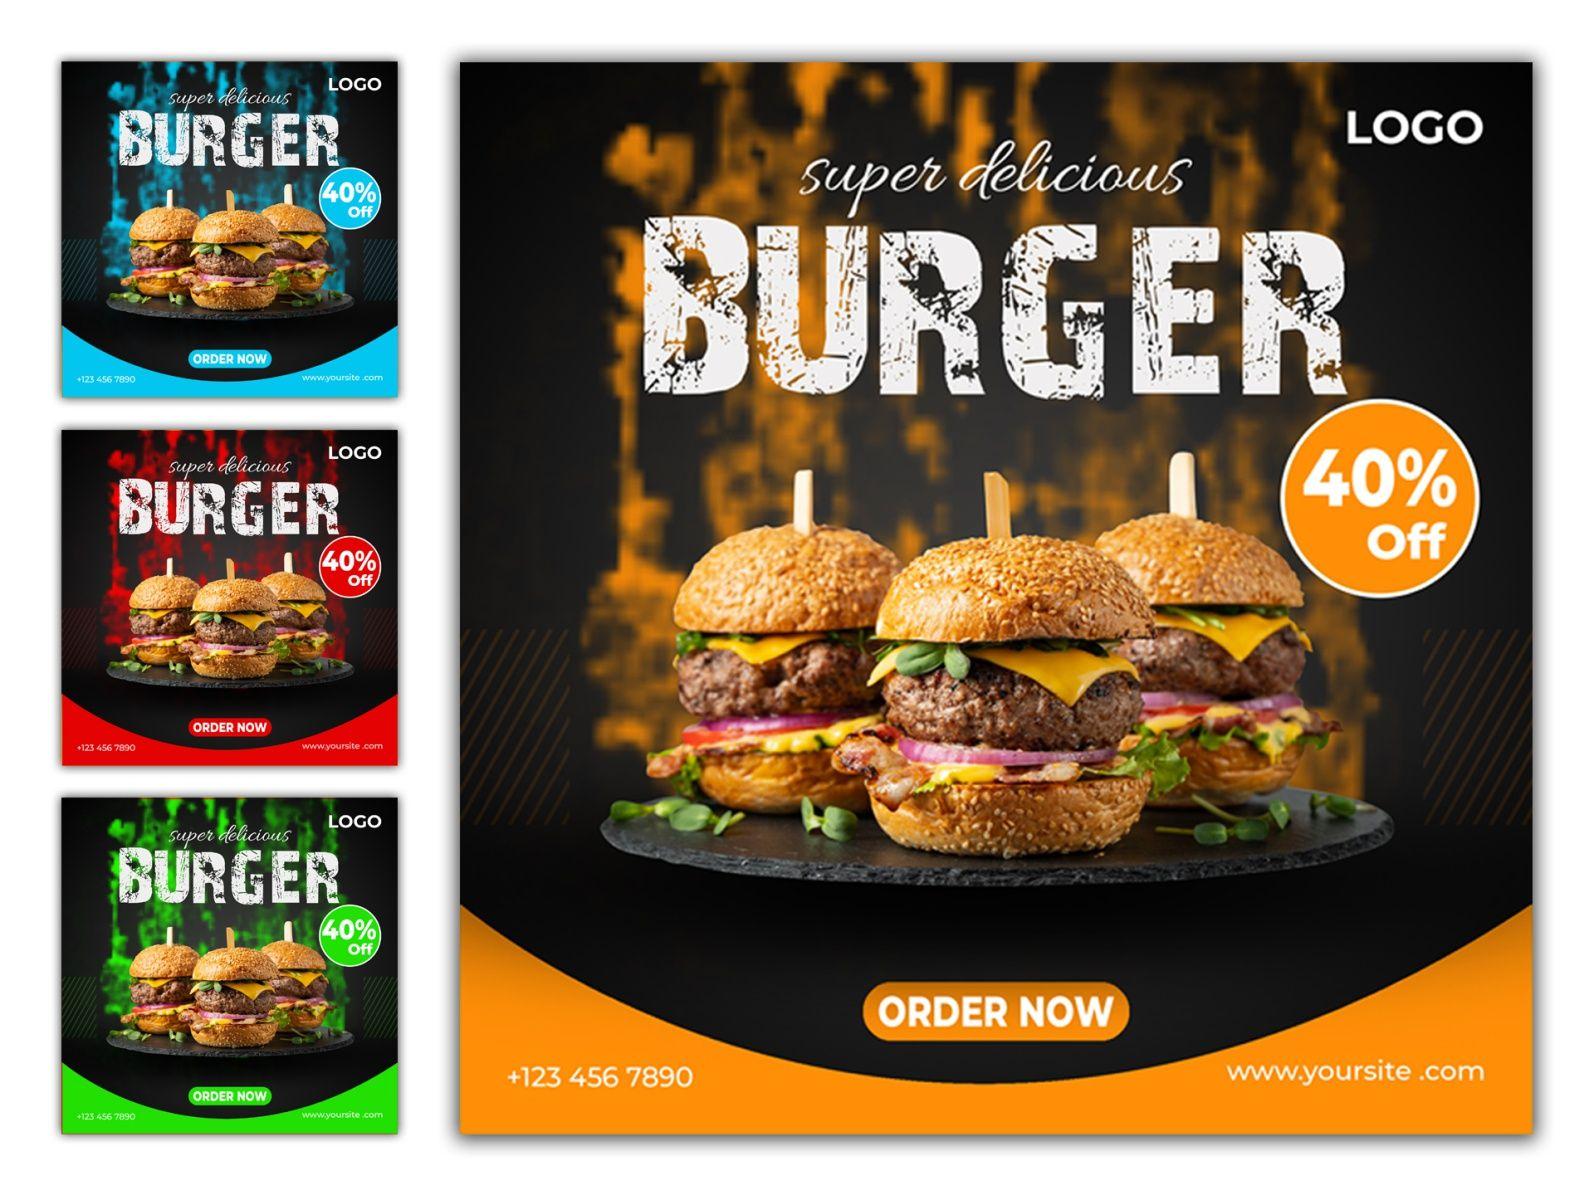 Burger Social Media Post In 2021 Social Media Post Social Media Burger